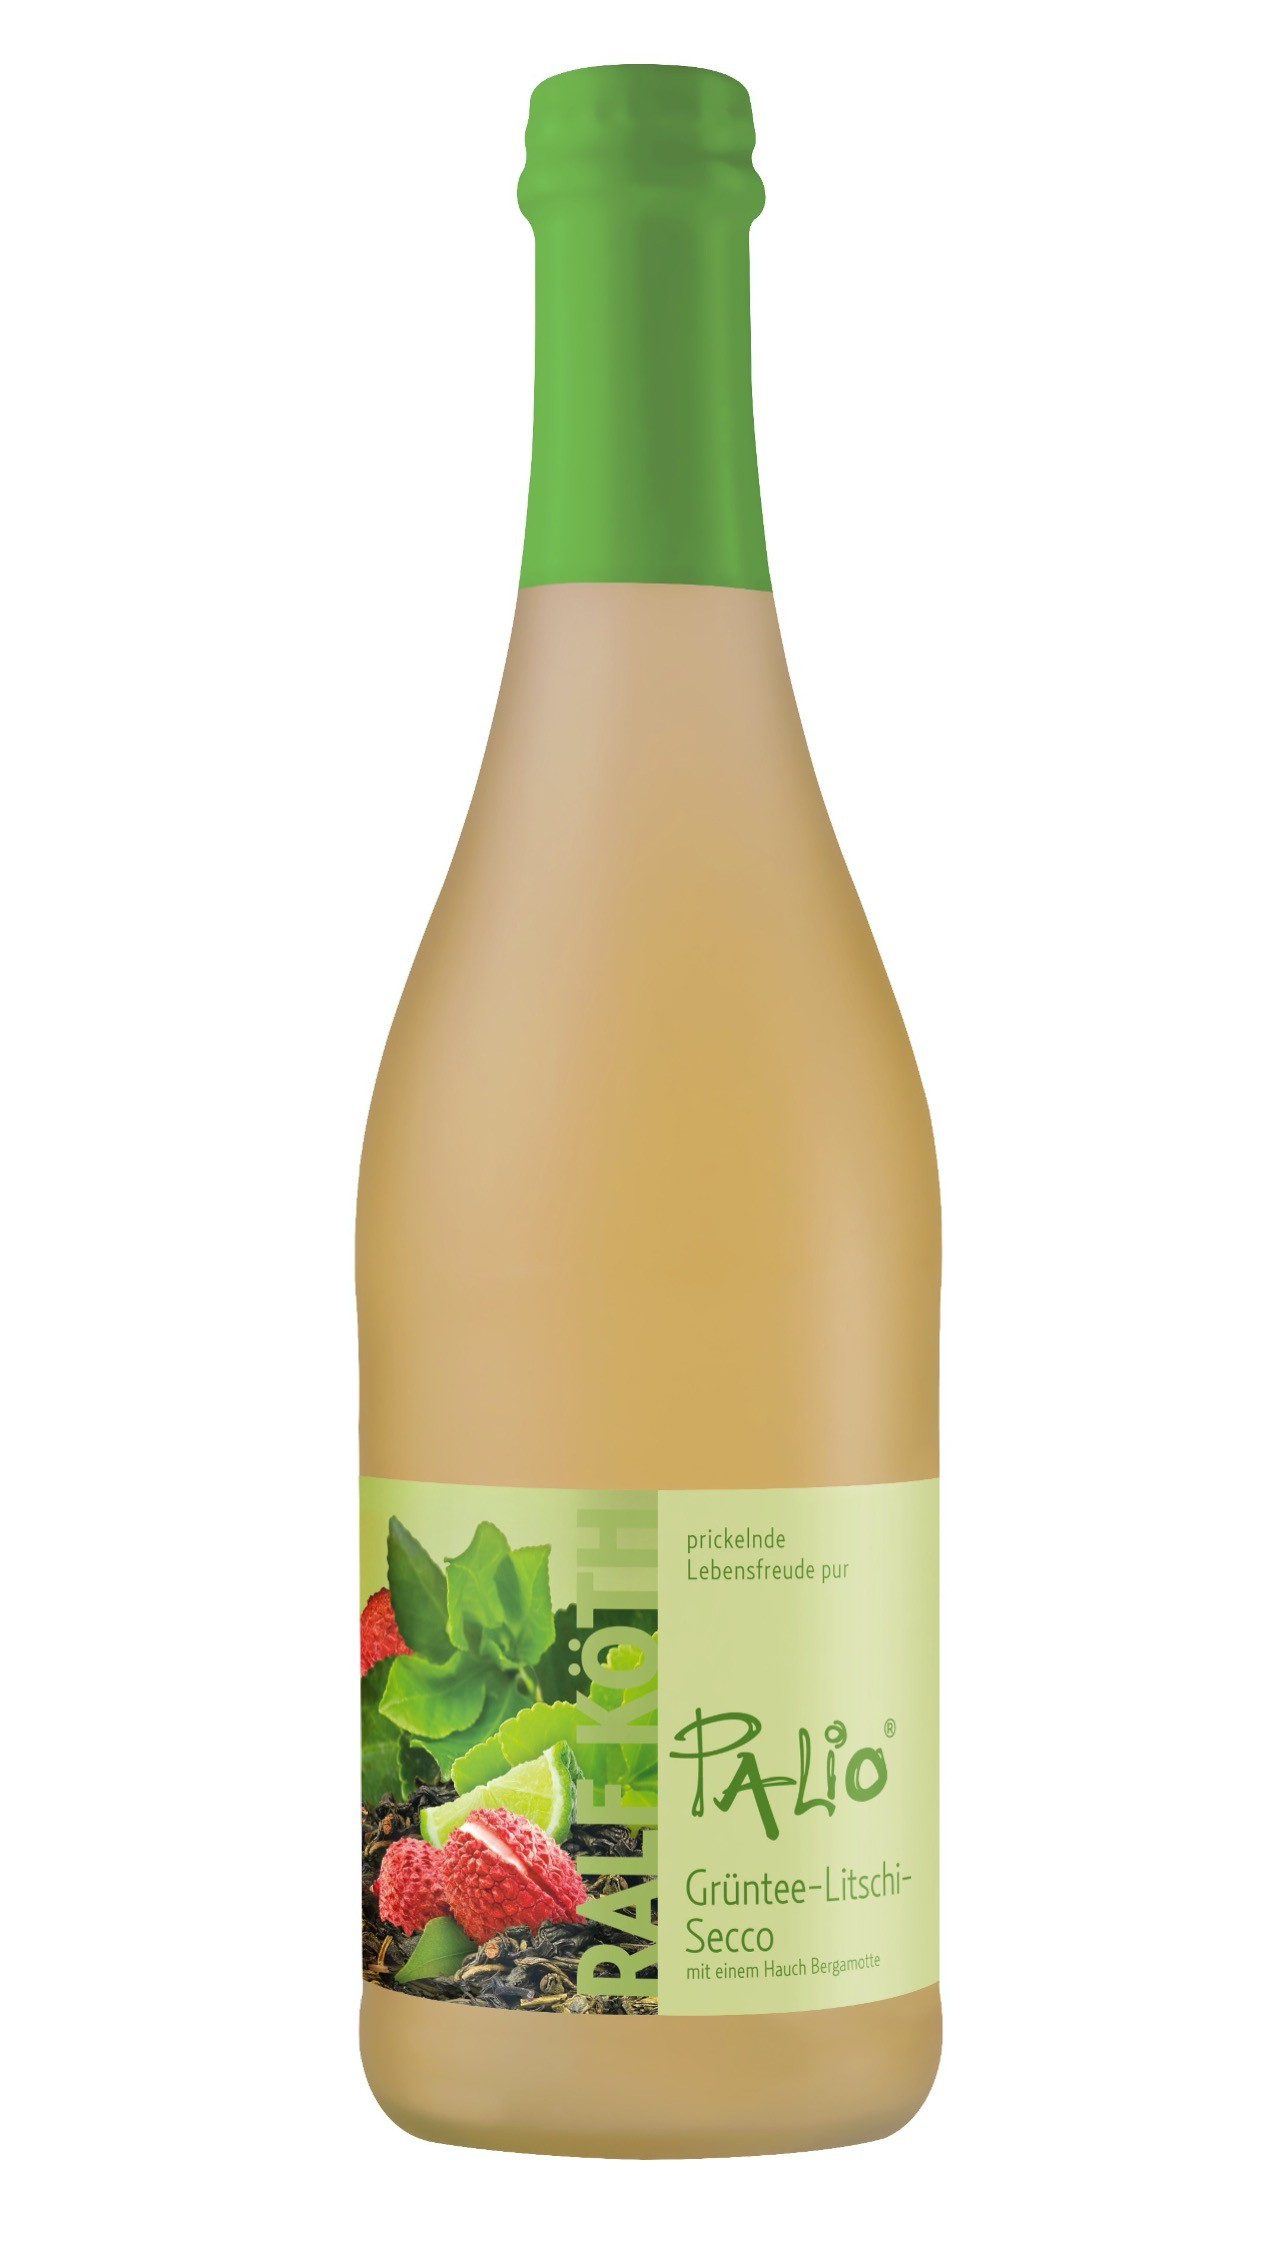 Grüntee-Litschi Palio Secco 10% vol. 750 ml